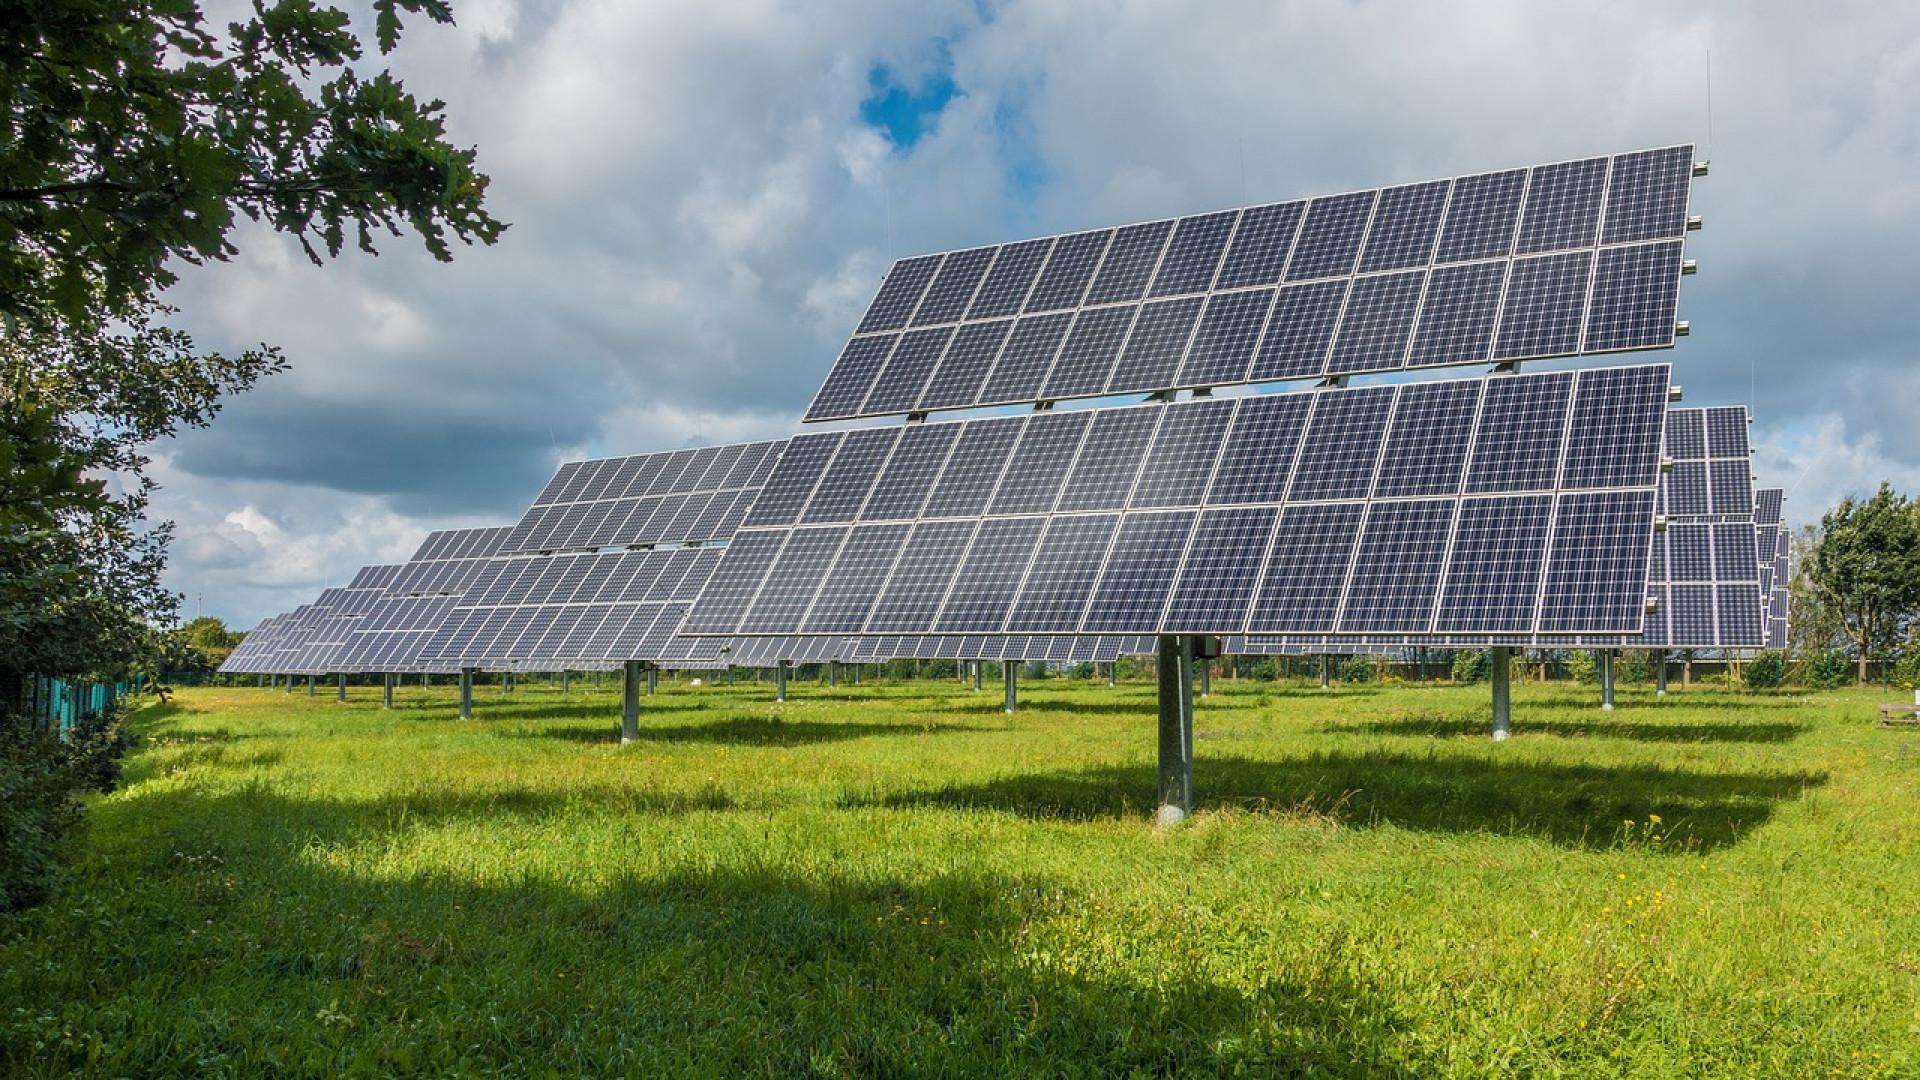 Quels sont les moyens pour faire des économies énergétiques chez soi ?